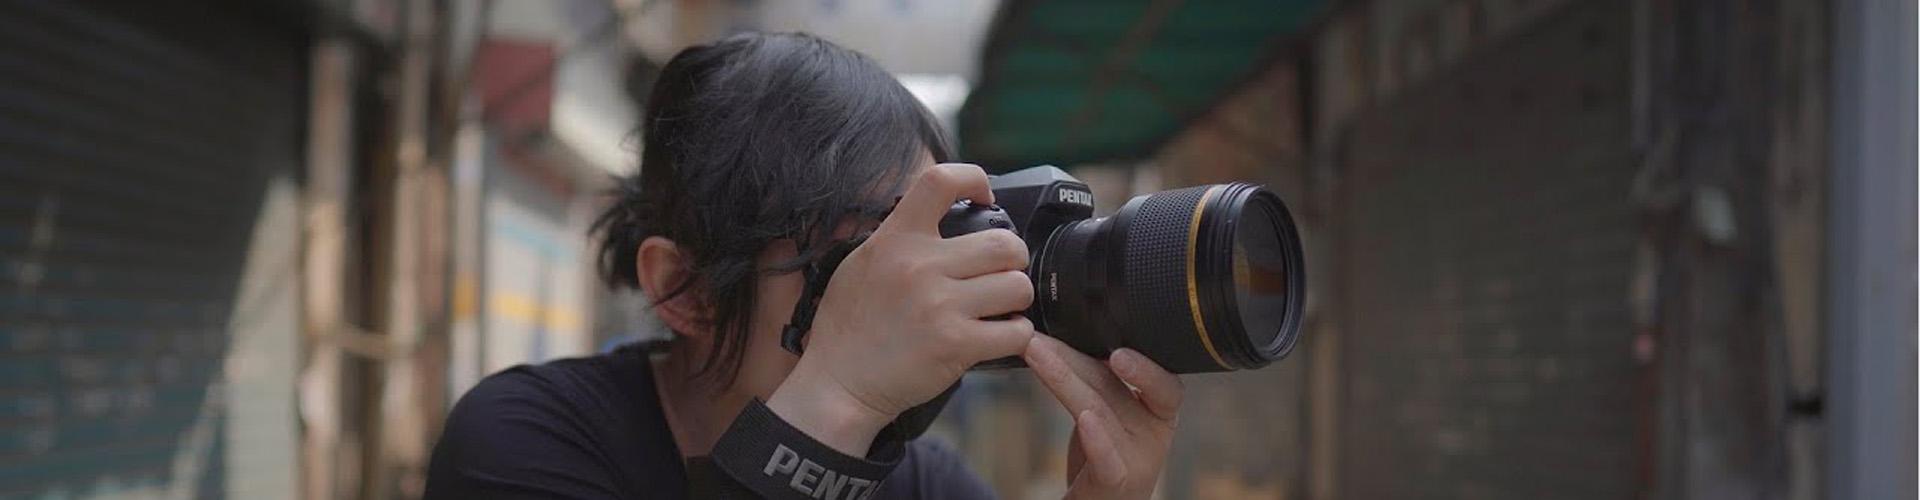 PENTAX 85mmF1.4 렌즈 촬영 모습